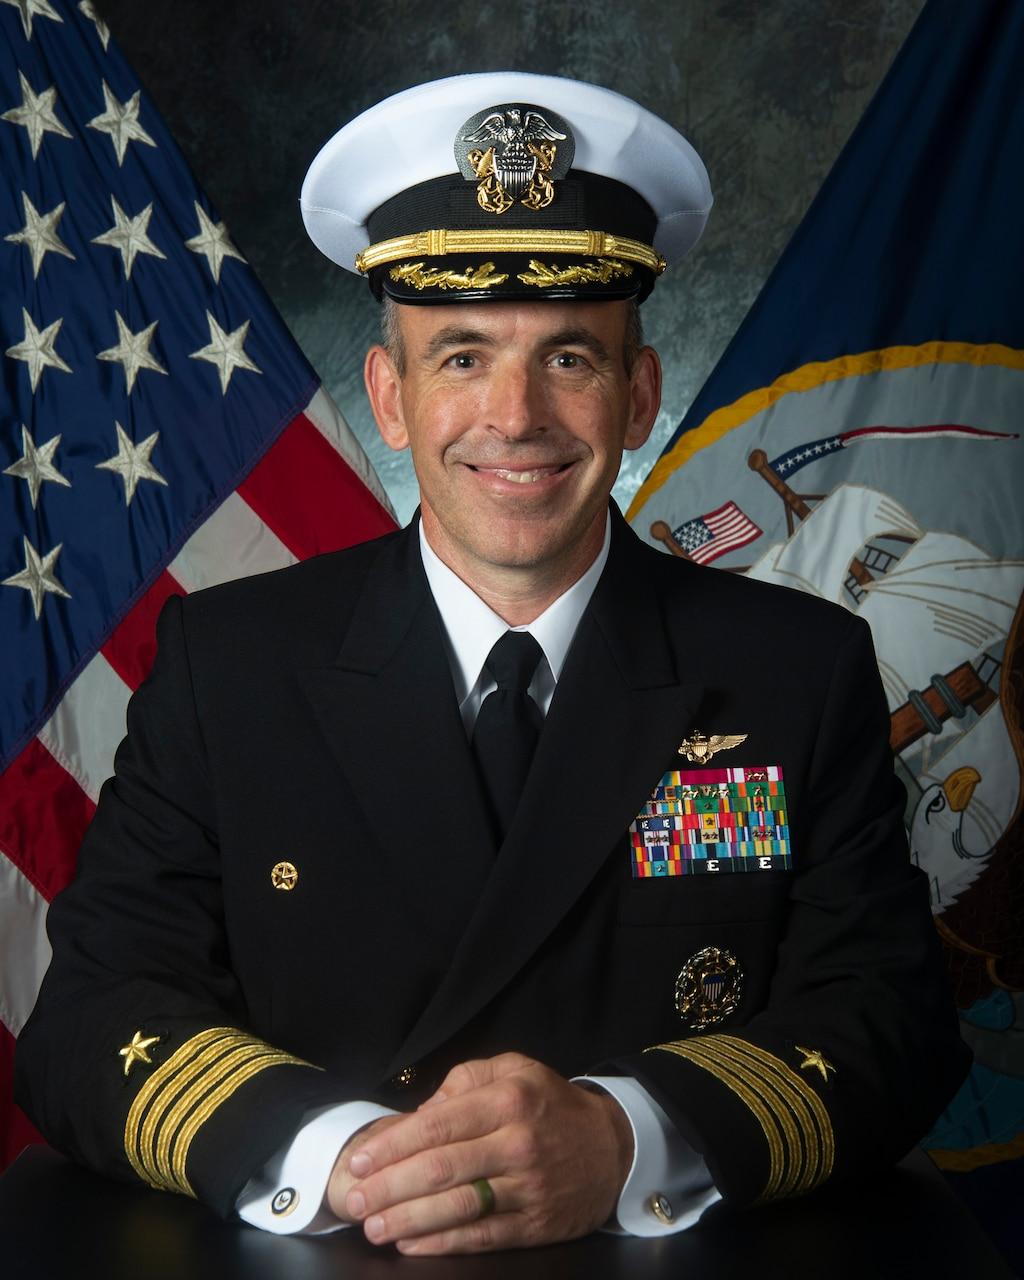 Studio portrait of Capt. Gavin Duff, Commanding Officer, USS Harry S. Truman (CVN 75).